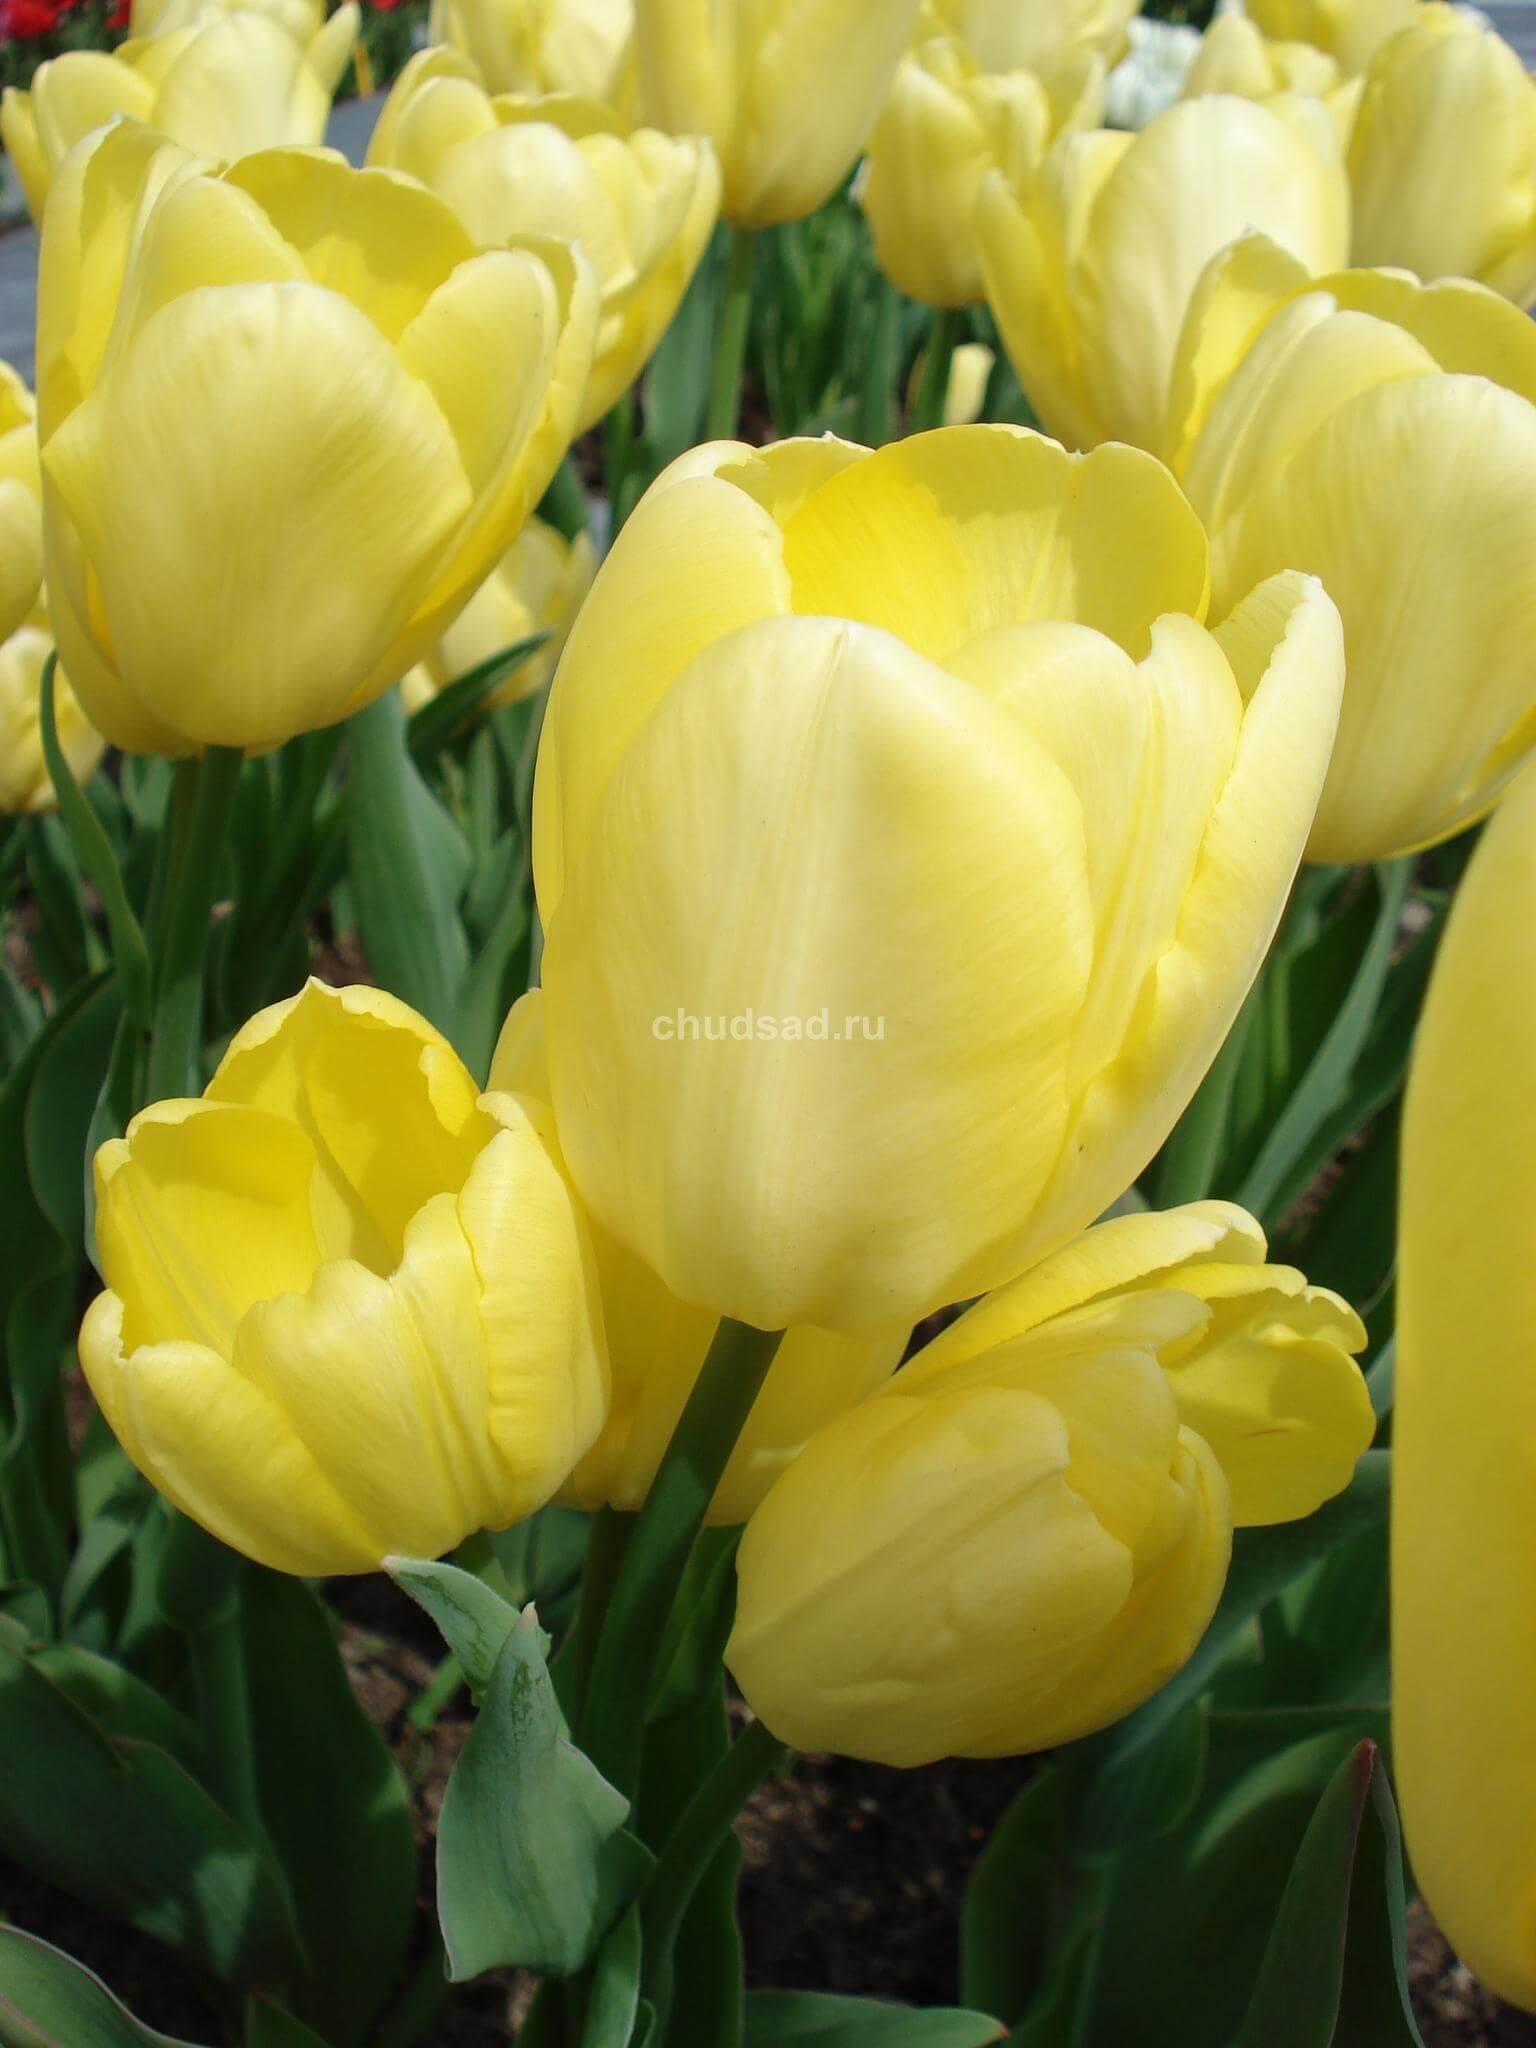 Тюльпан Фэтс Домино (мнгцв.) Image